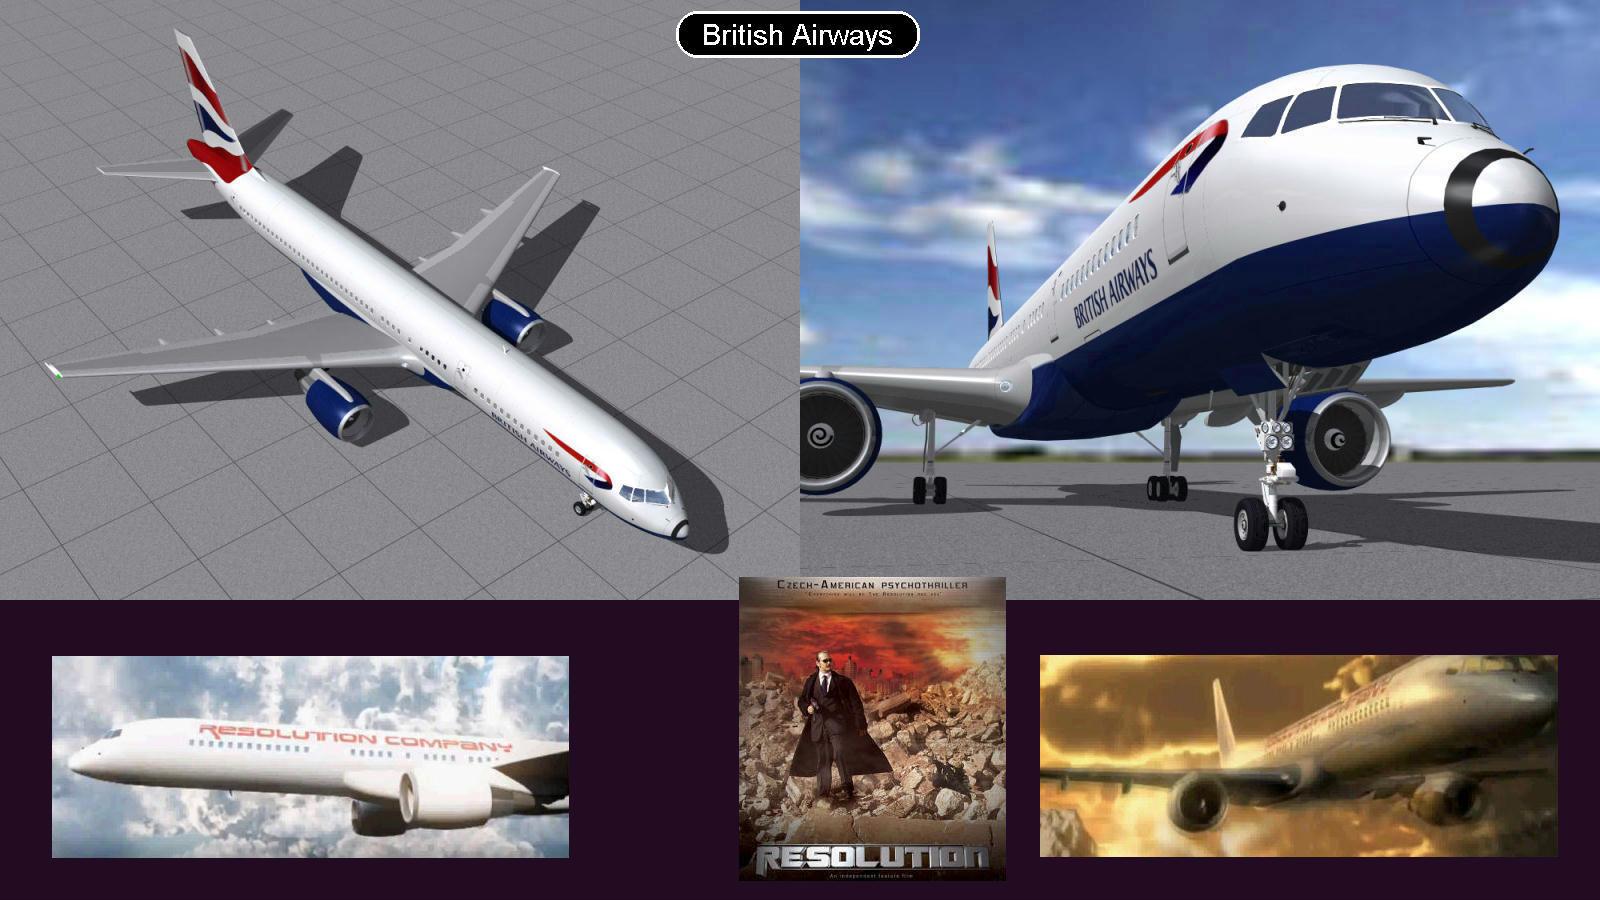 Boeing 757 British Airways  by iconkid